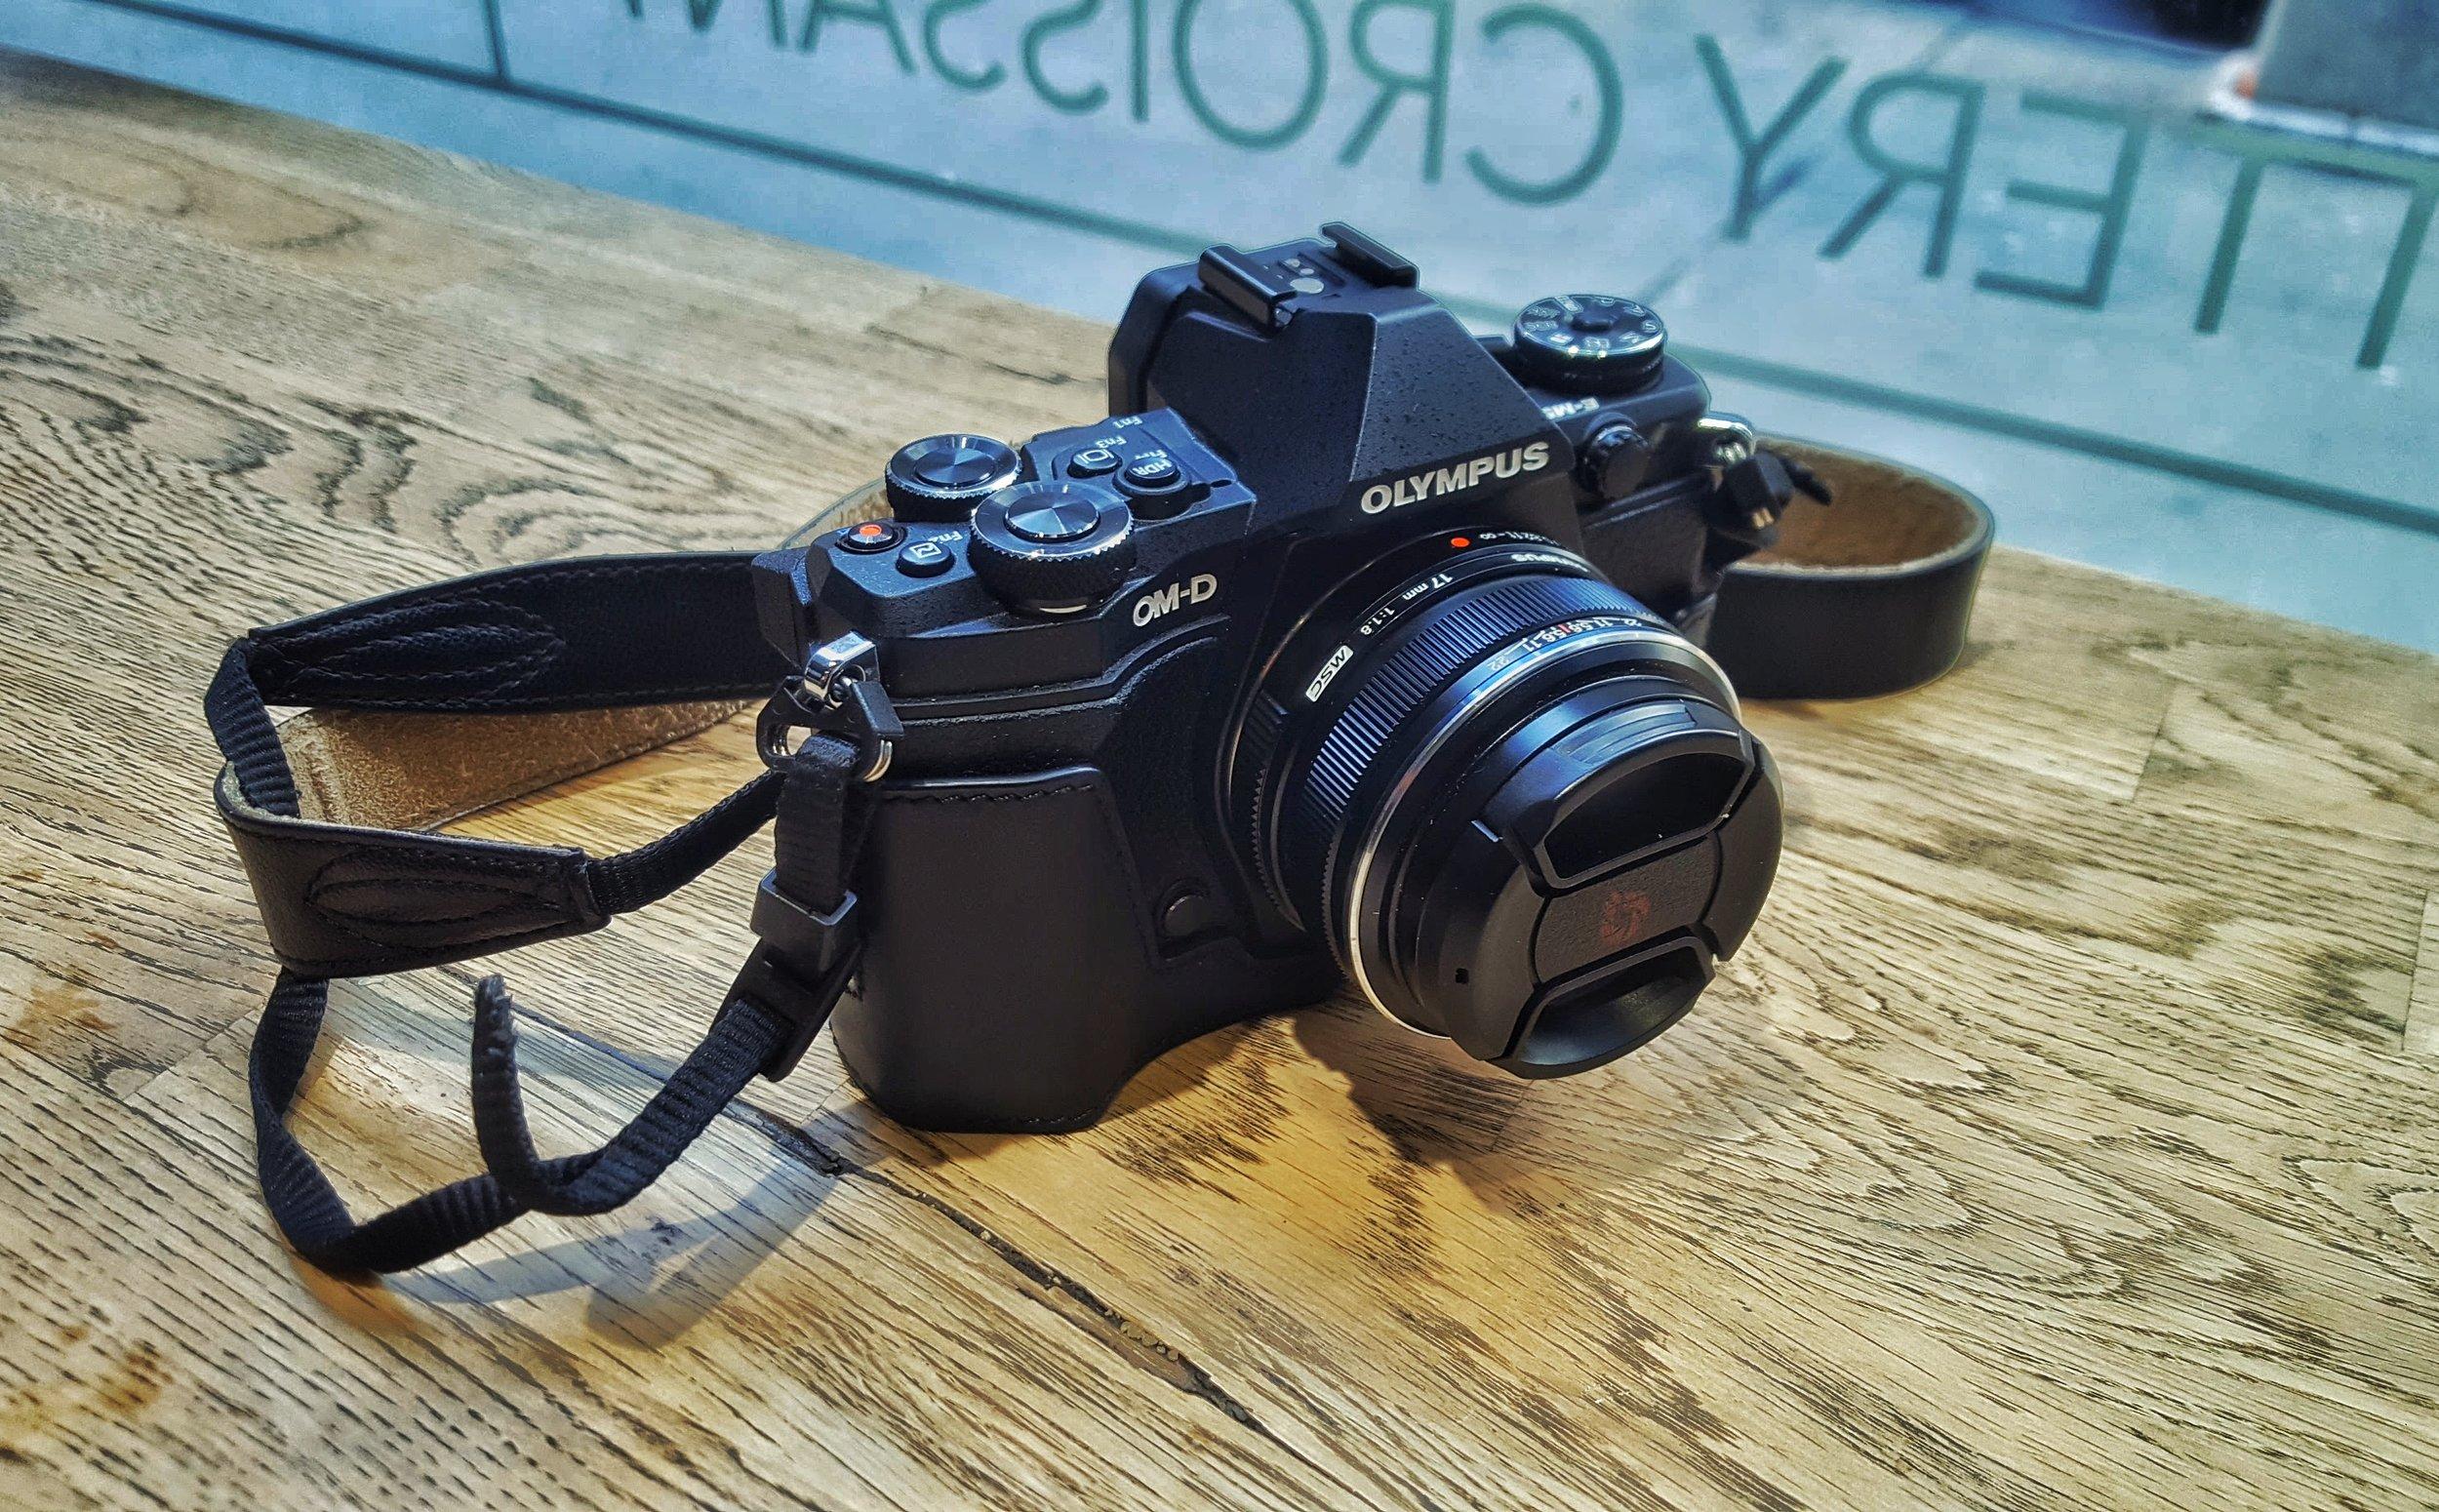 Olympus OMD-EM5 Mark II M4/3 Mirrorless w/ Olympus M.Zuiko 17mm f1.8